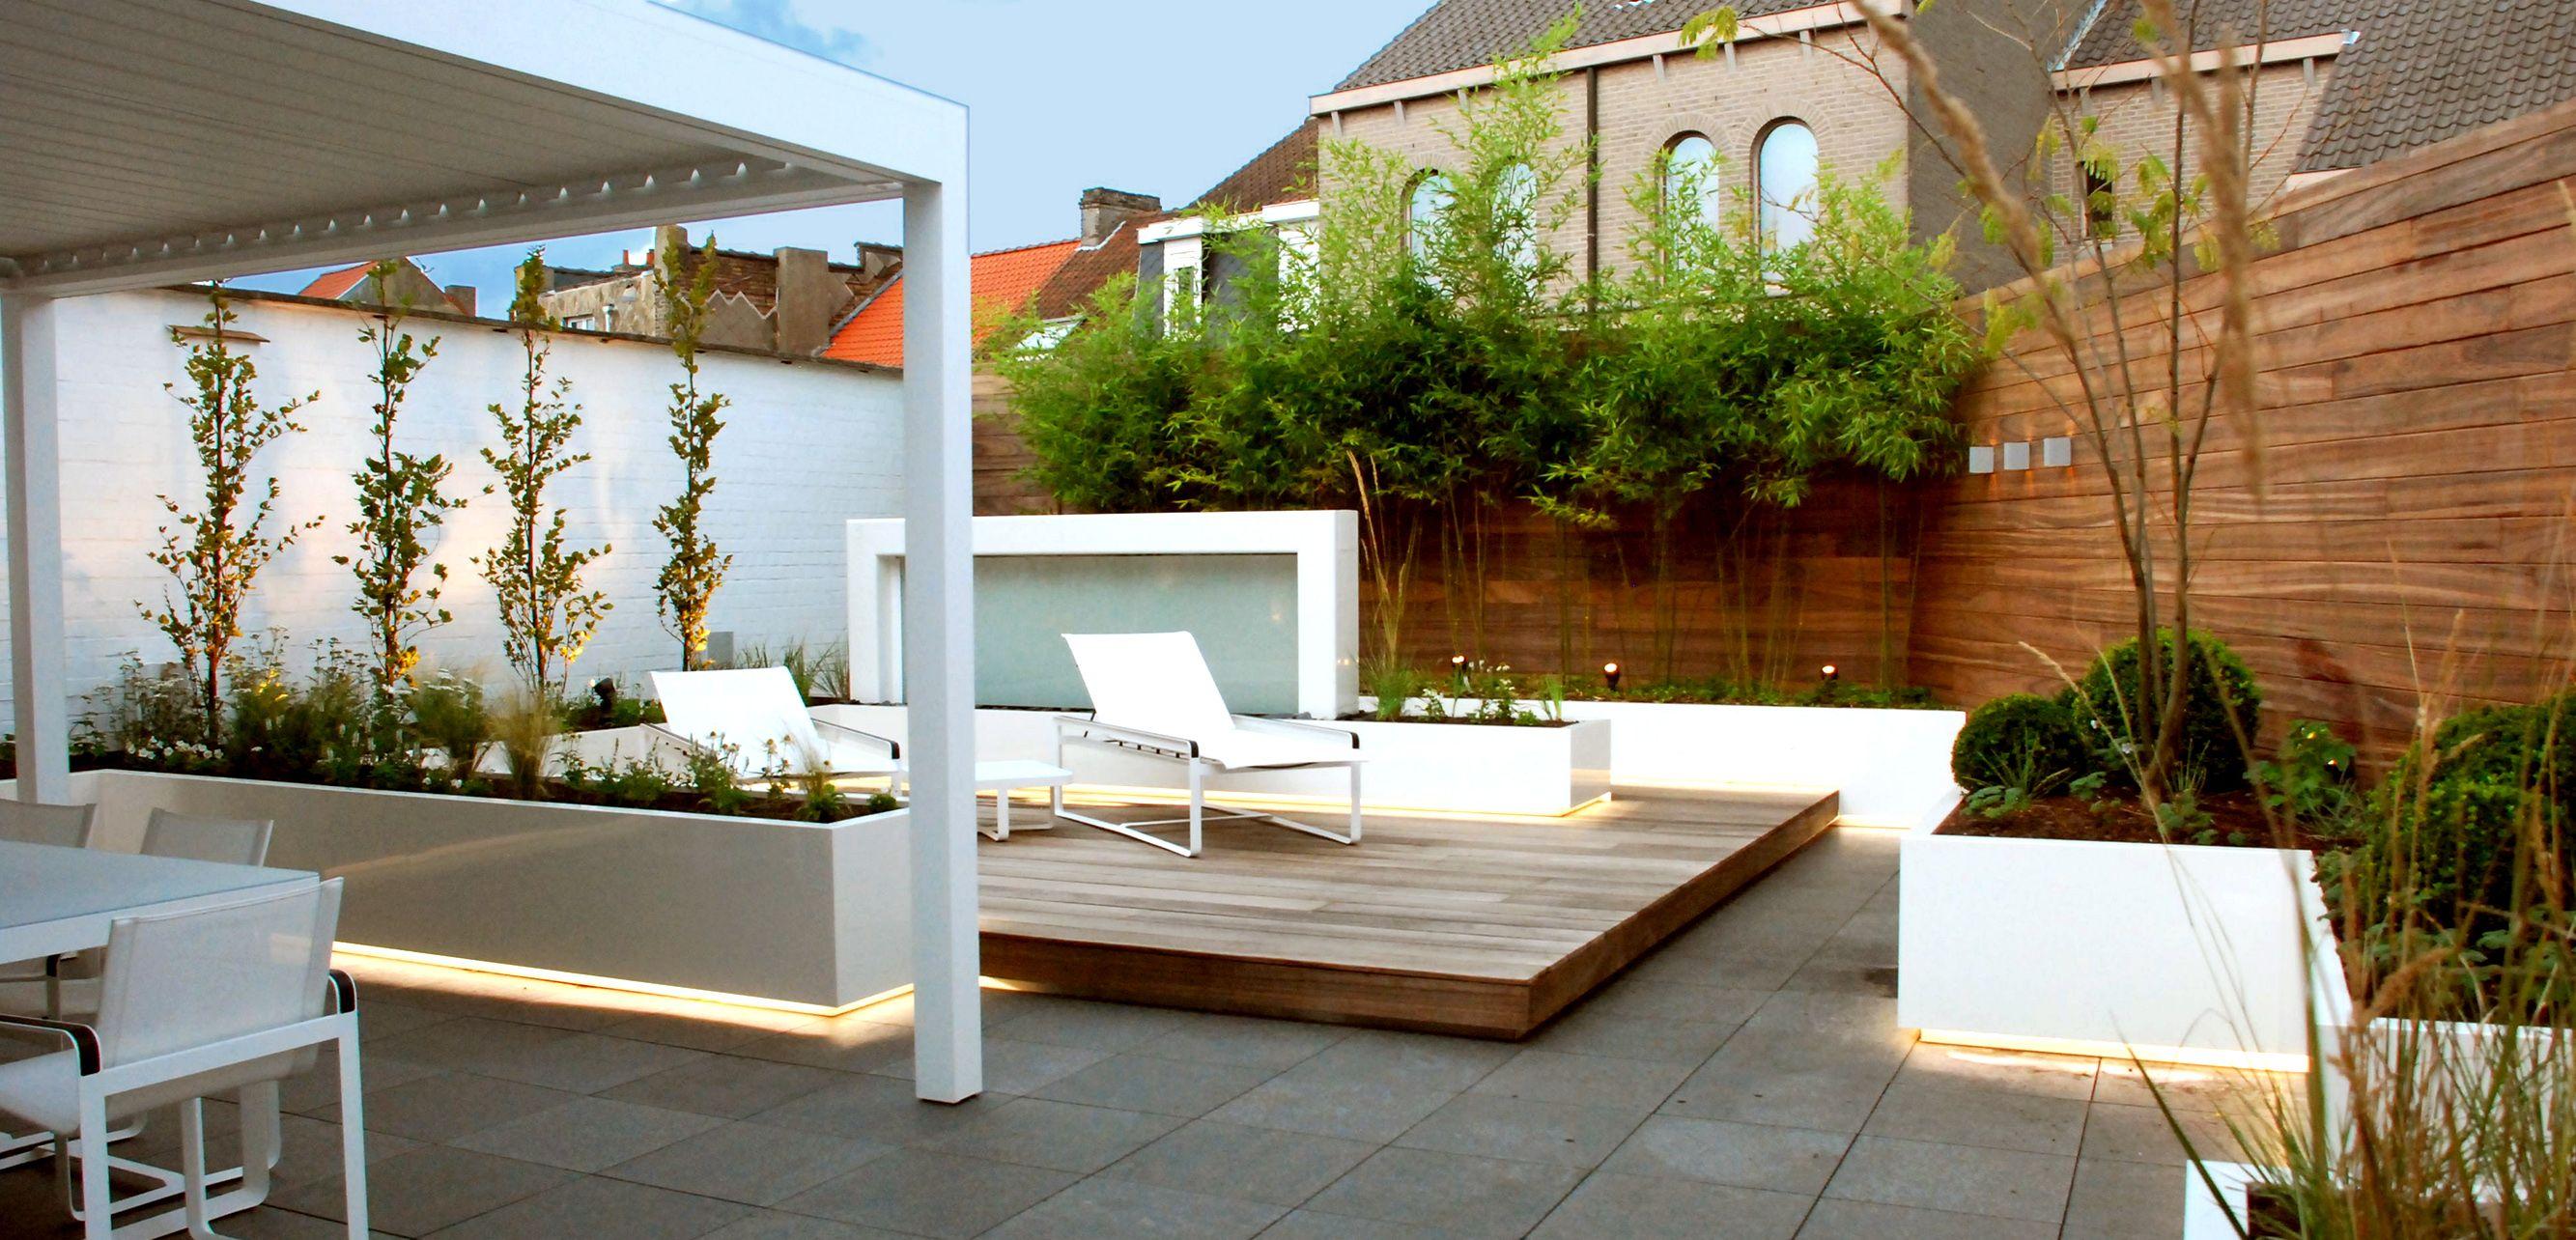 Moderne tuinen hebben strakke lijnen en zijn opgebouwd uit moderne ...